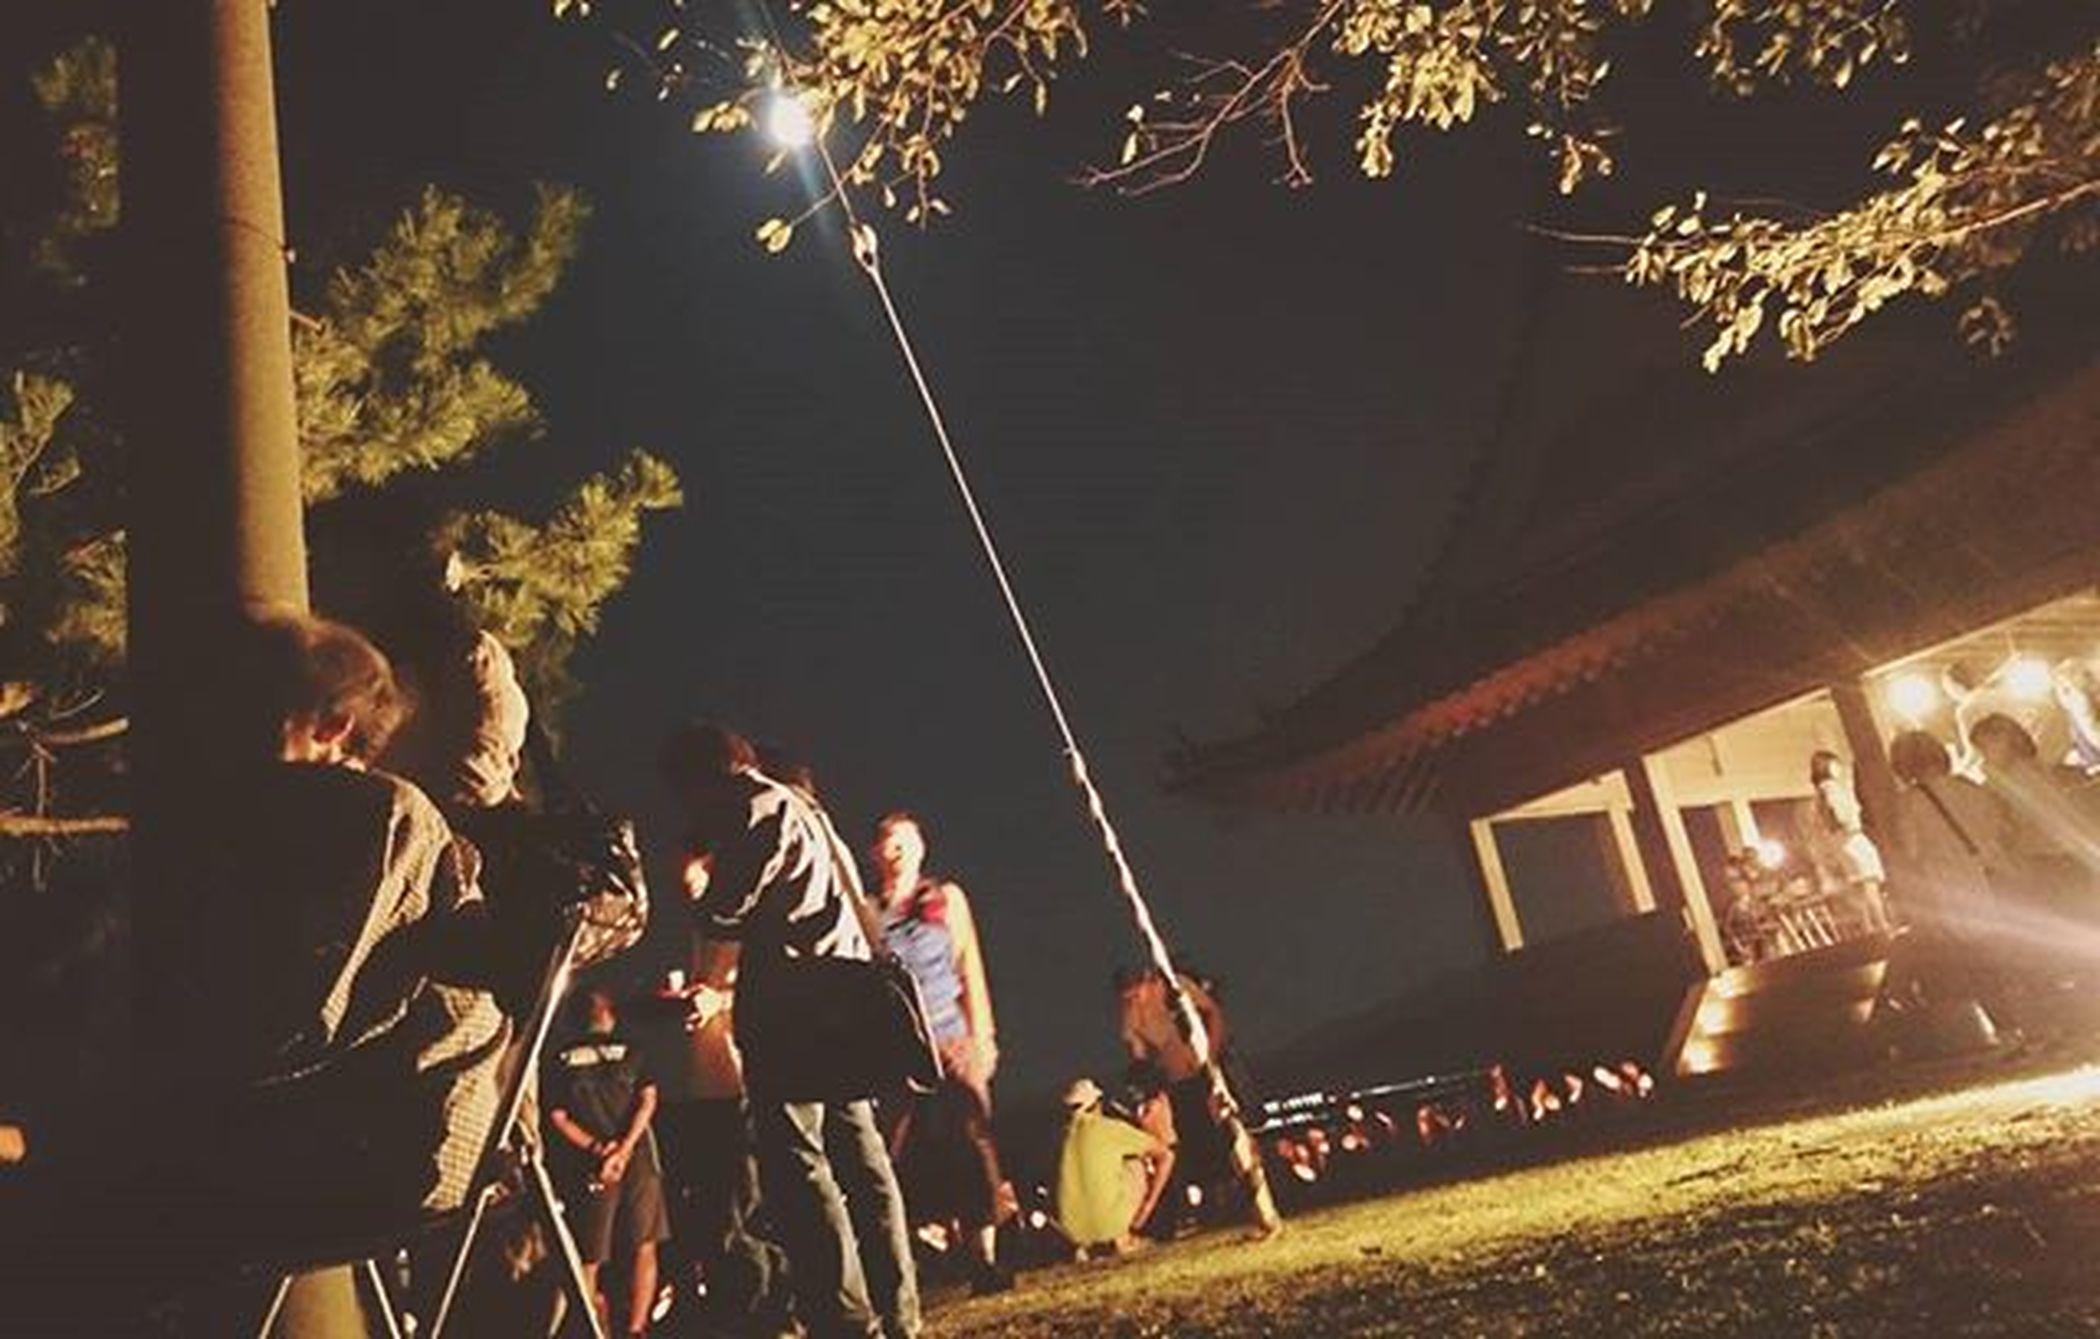 竹燈夜 家族でおでかけ 月 心地の良い夜風 良い時間